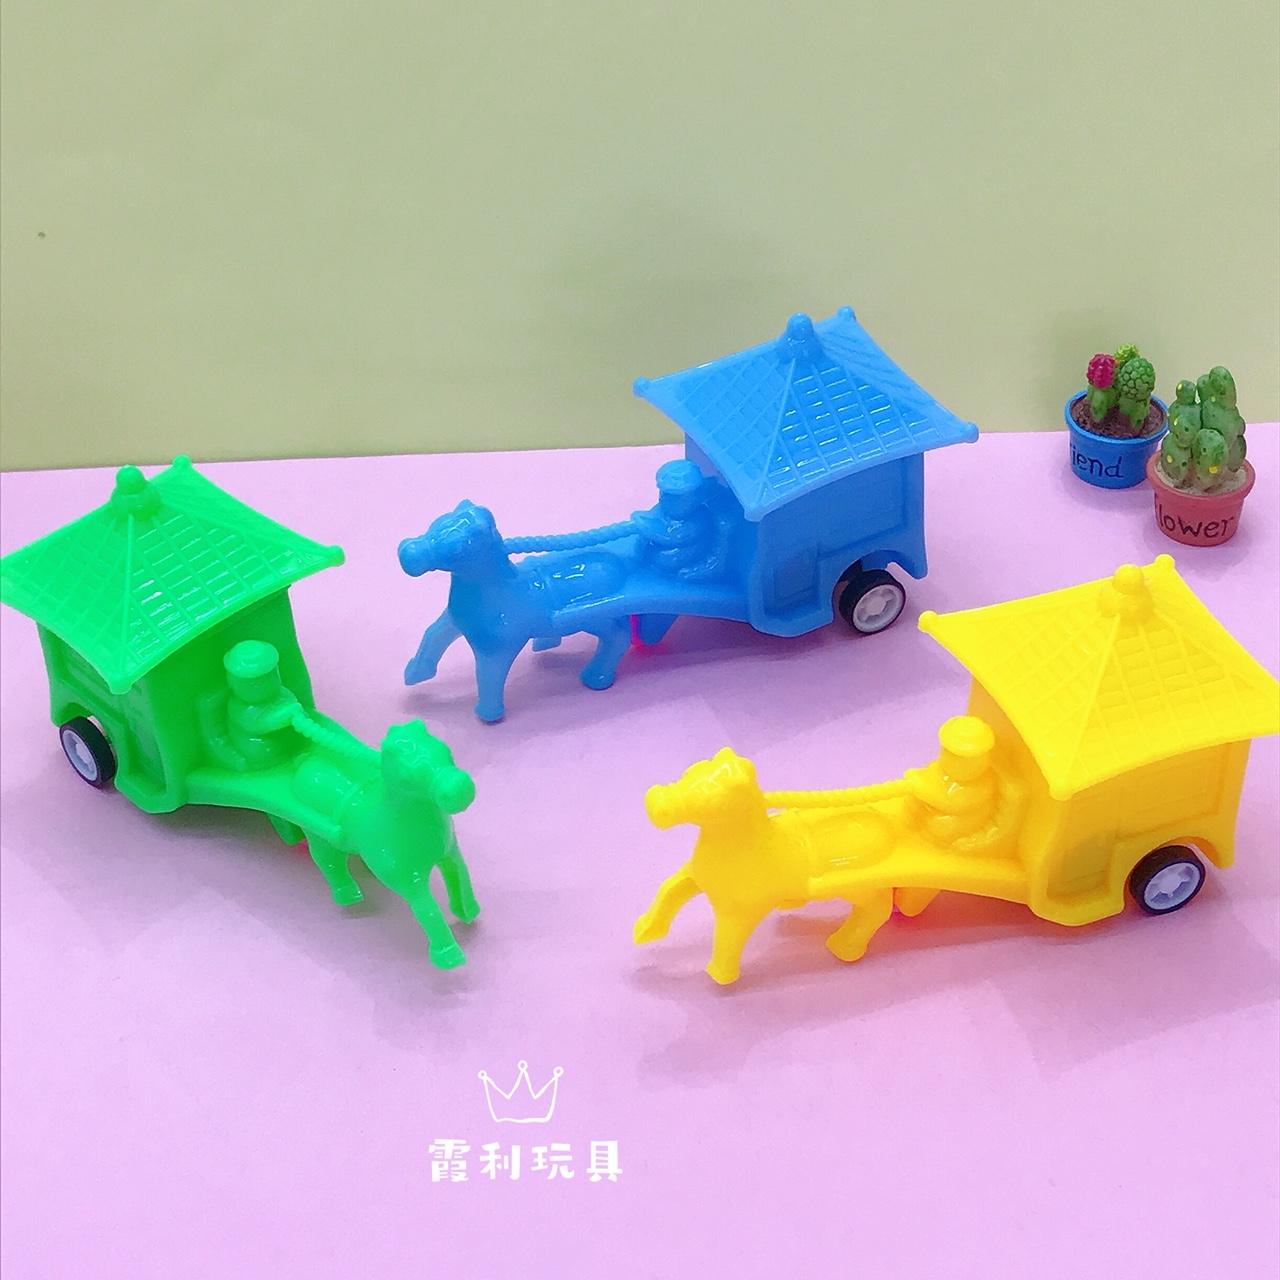 新款回力马车 儿童塑料玩具 赠品